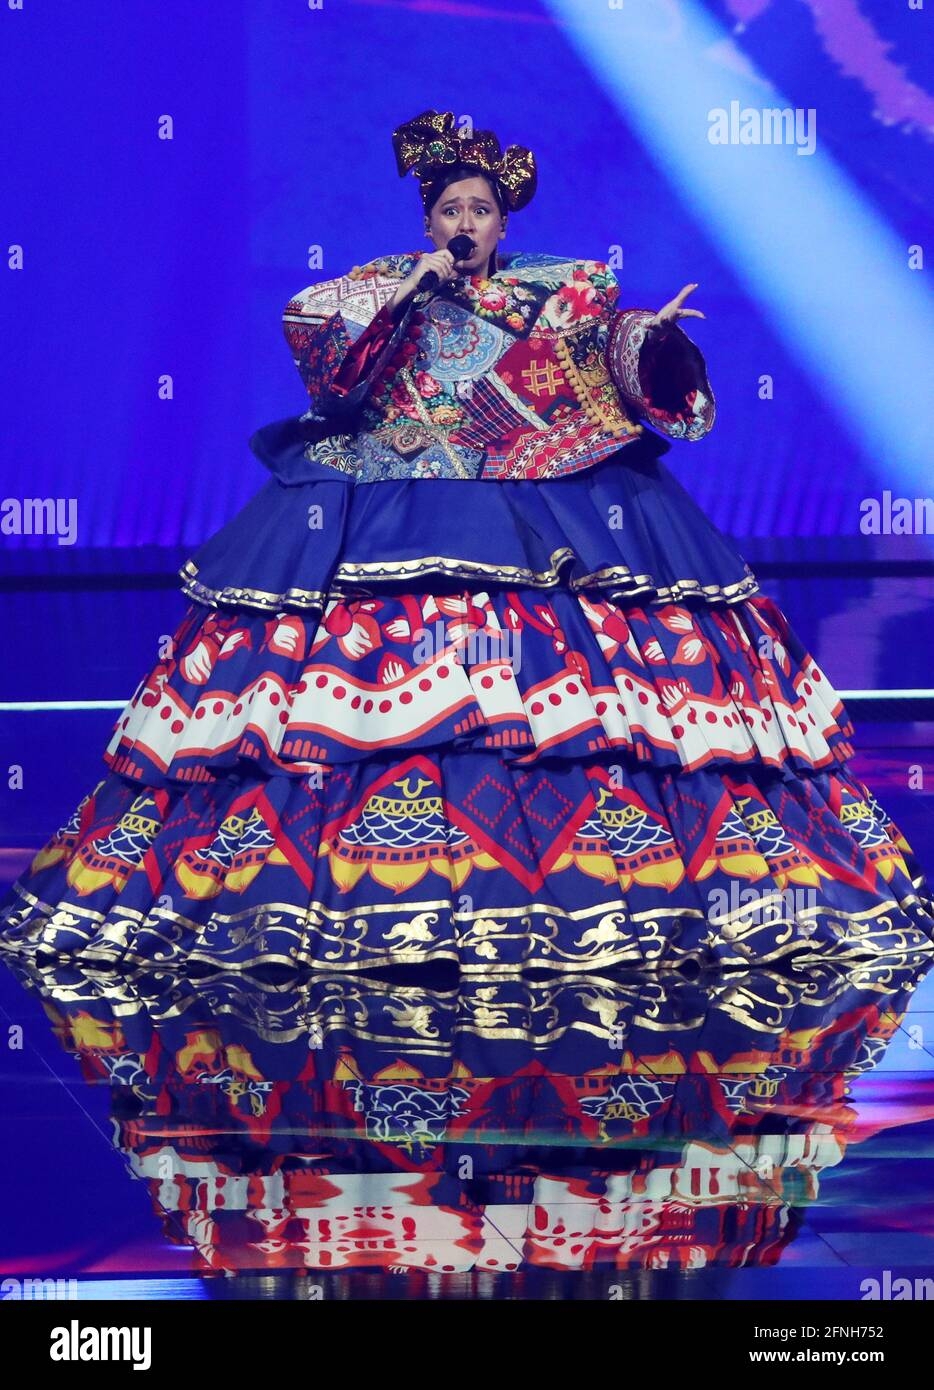 Rotterdam, Paesi Bassi. 17 maggio 2021. Il cantante Manizha in rappresentanza della Russia si esibisce durante le prove di abbigliamento per la prima semifinale del Concorso Eurovision Song 2021, presso la Rotterdam Ahoy Arena. Credit: Vyacheslav Prokofyev/TASS/Alamy Live News Foto Stock